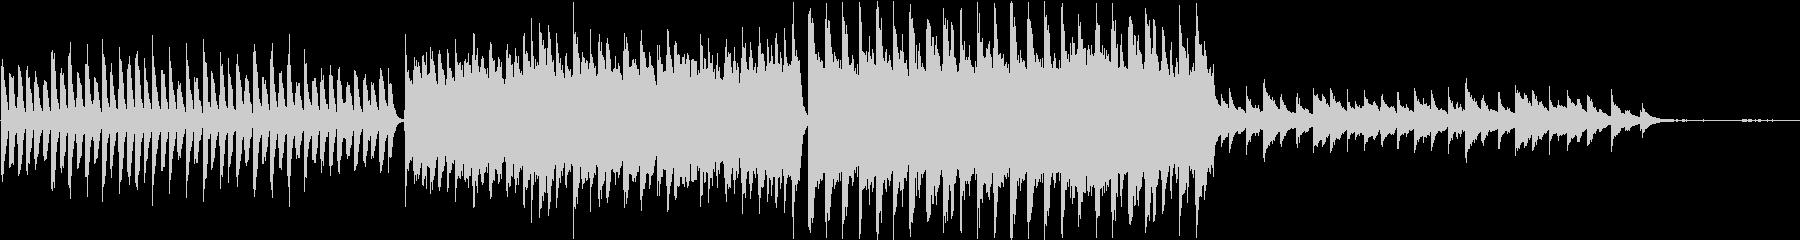 企業ムービー向けのシンプルなピアノの未再生の波形